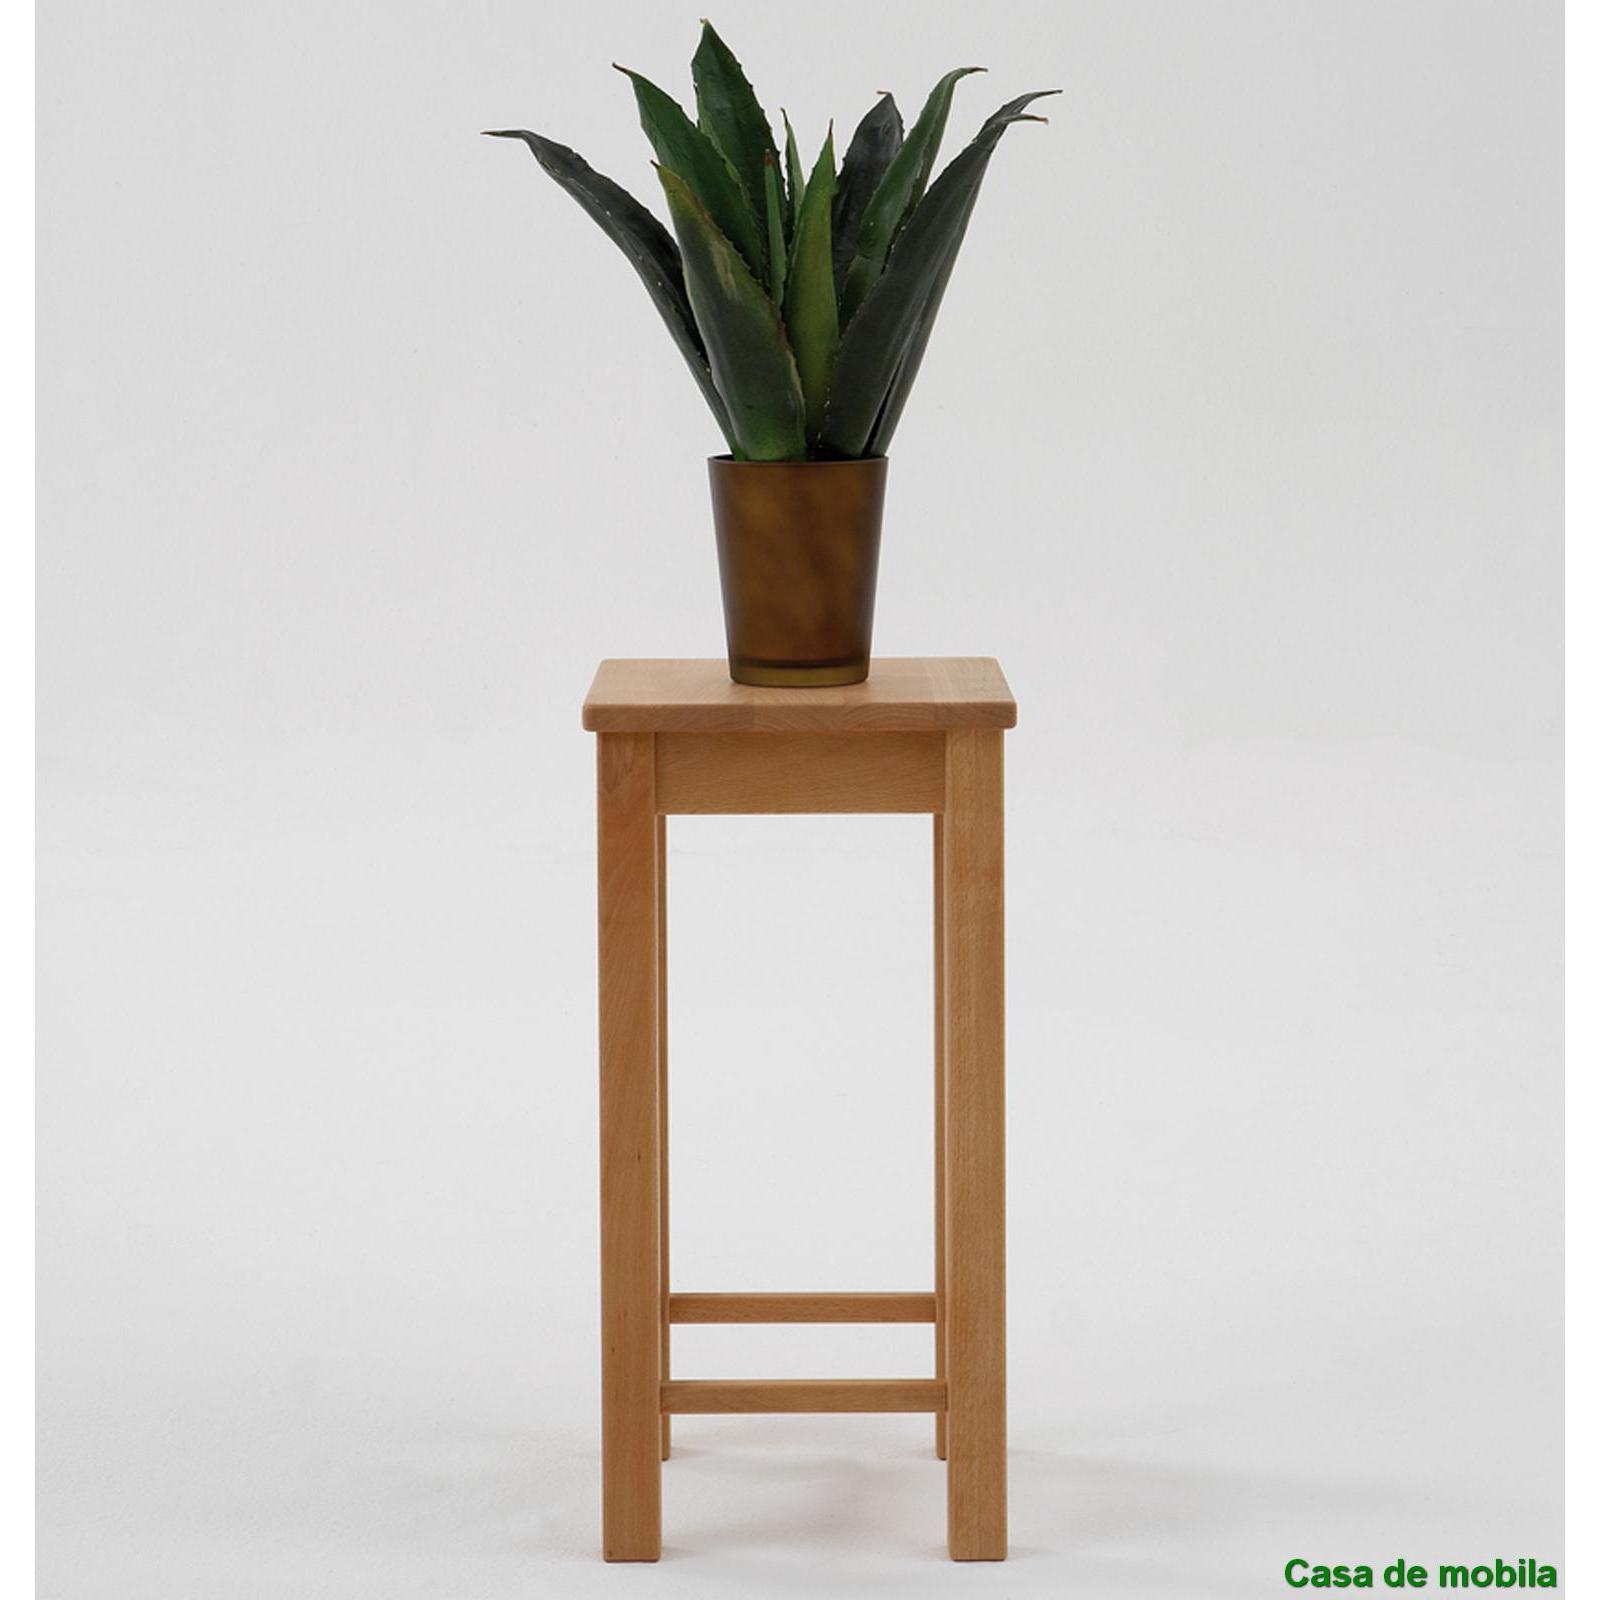 Blumenhocker blumentisch telefontisch beistelltisch holz for Beistelltisch ahorn